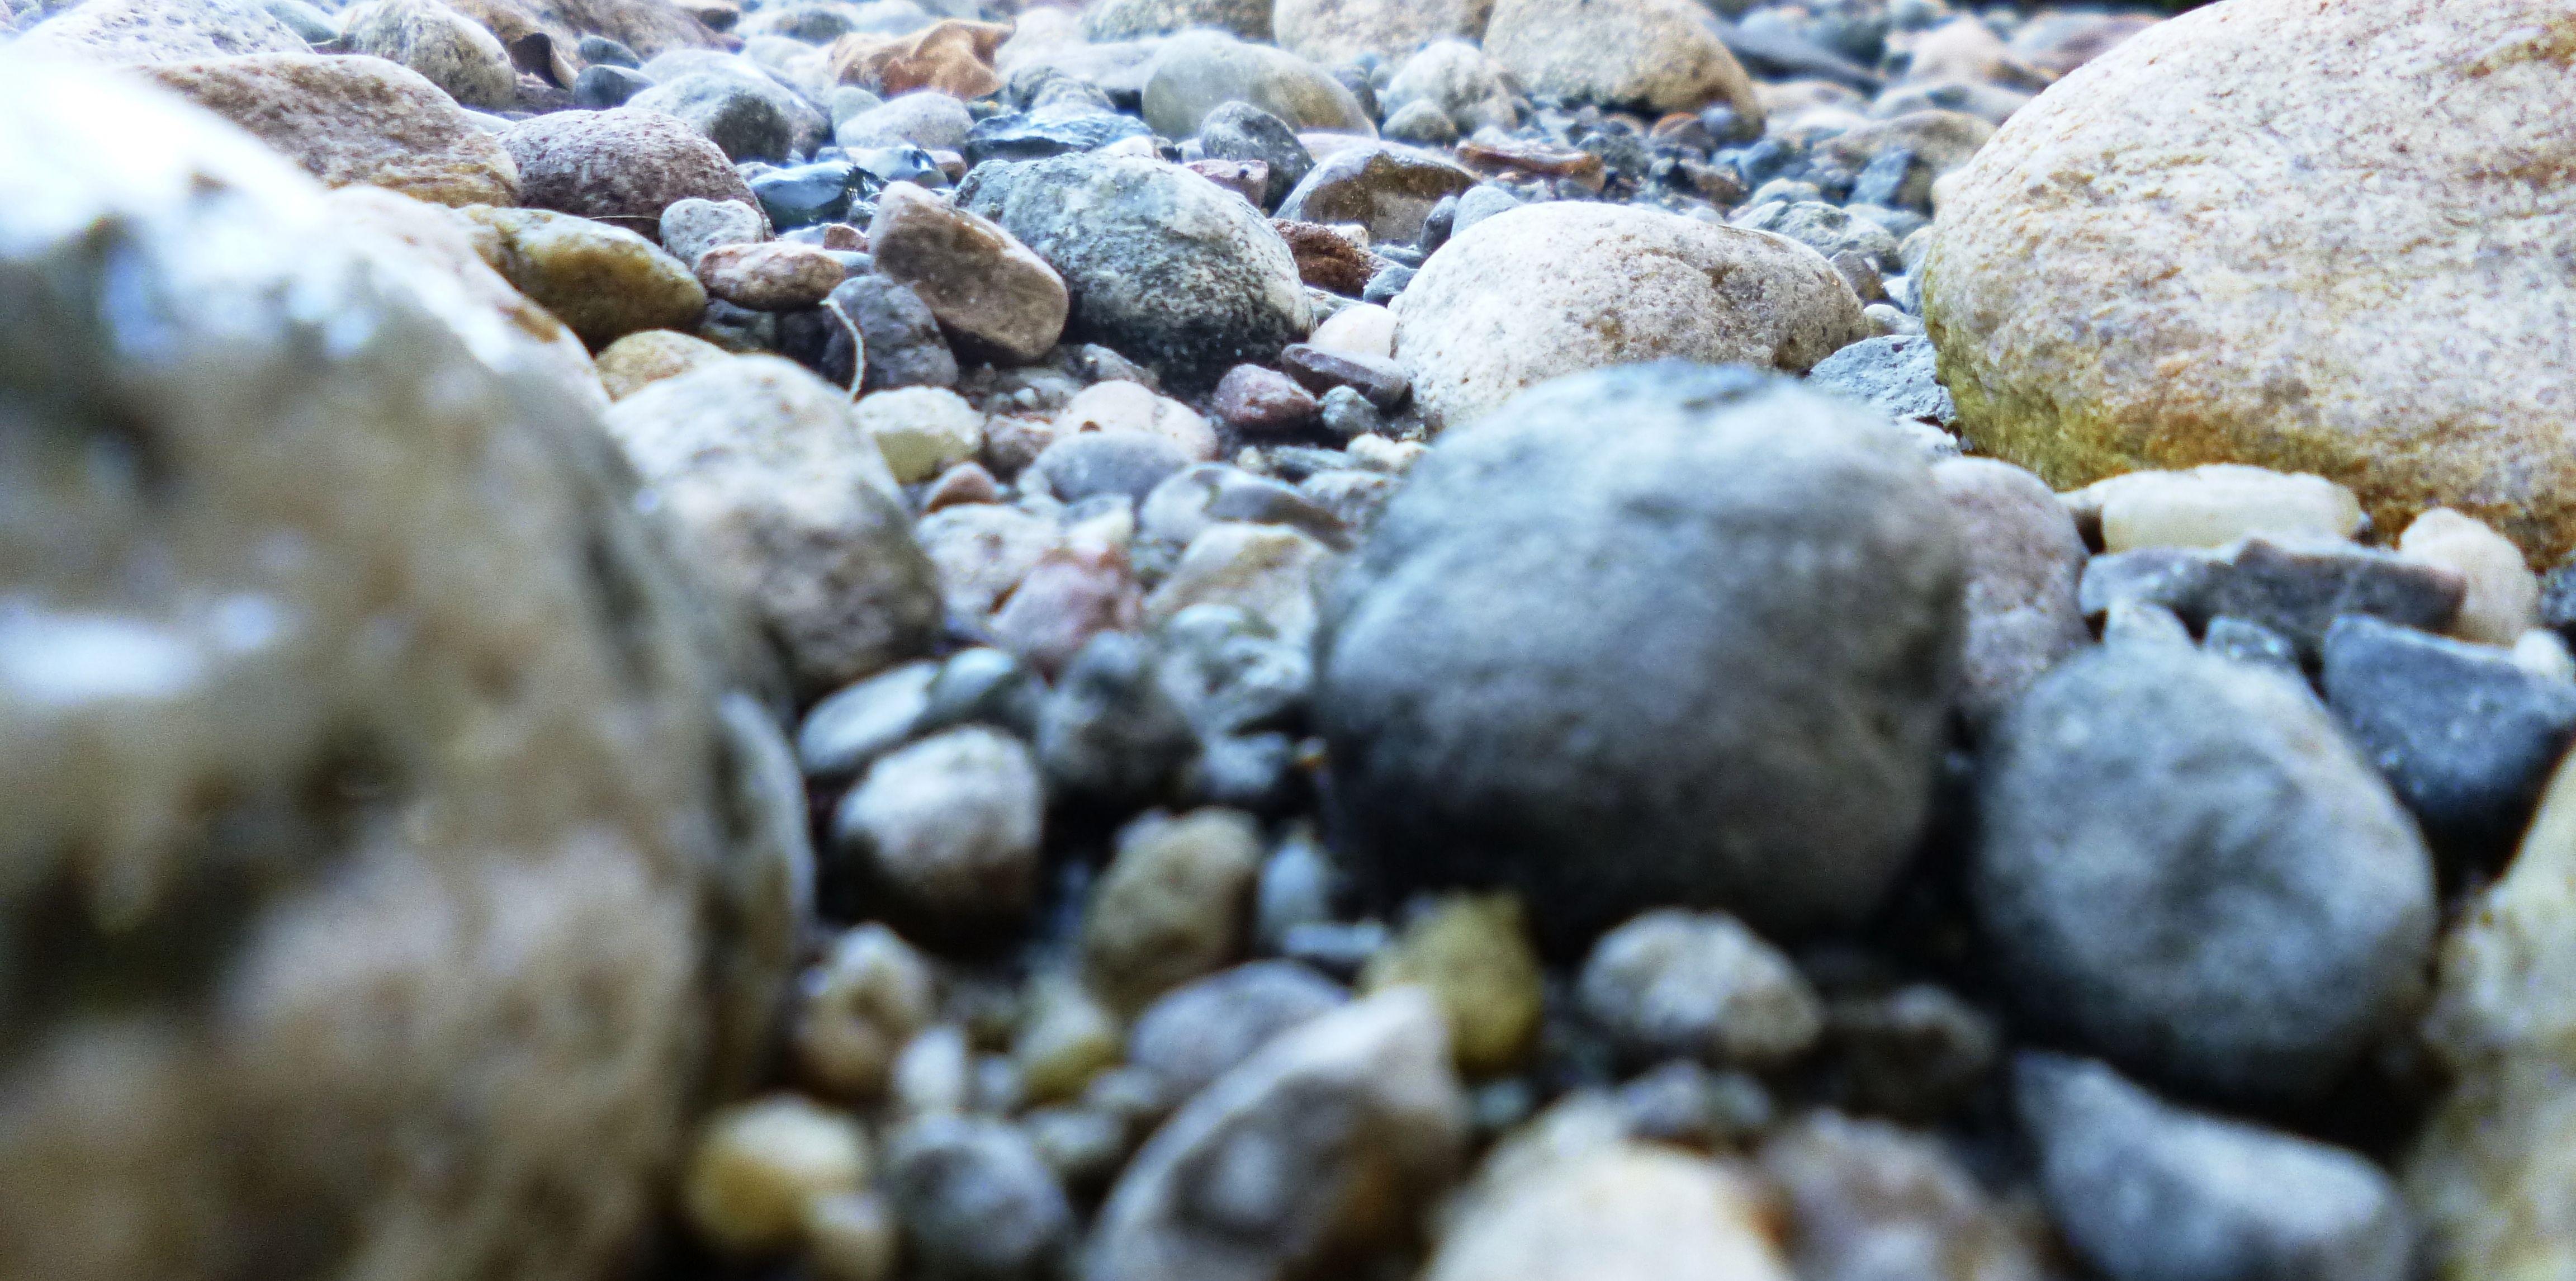 Piedras de rio com nmente se usan para el dise o y for Piedras para estanques